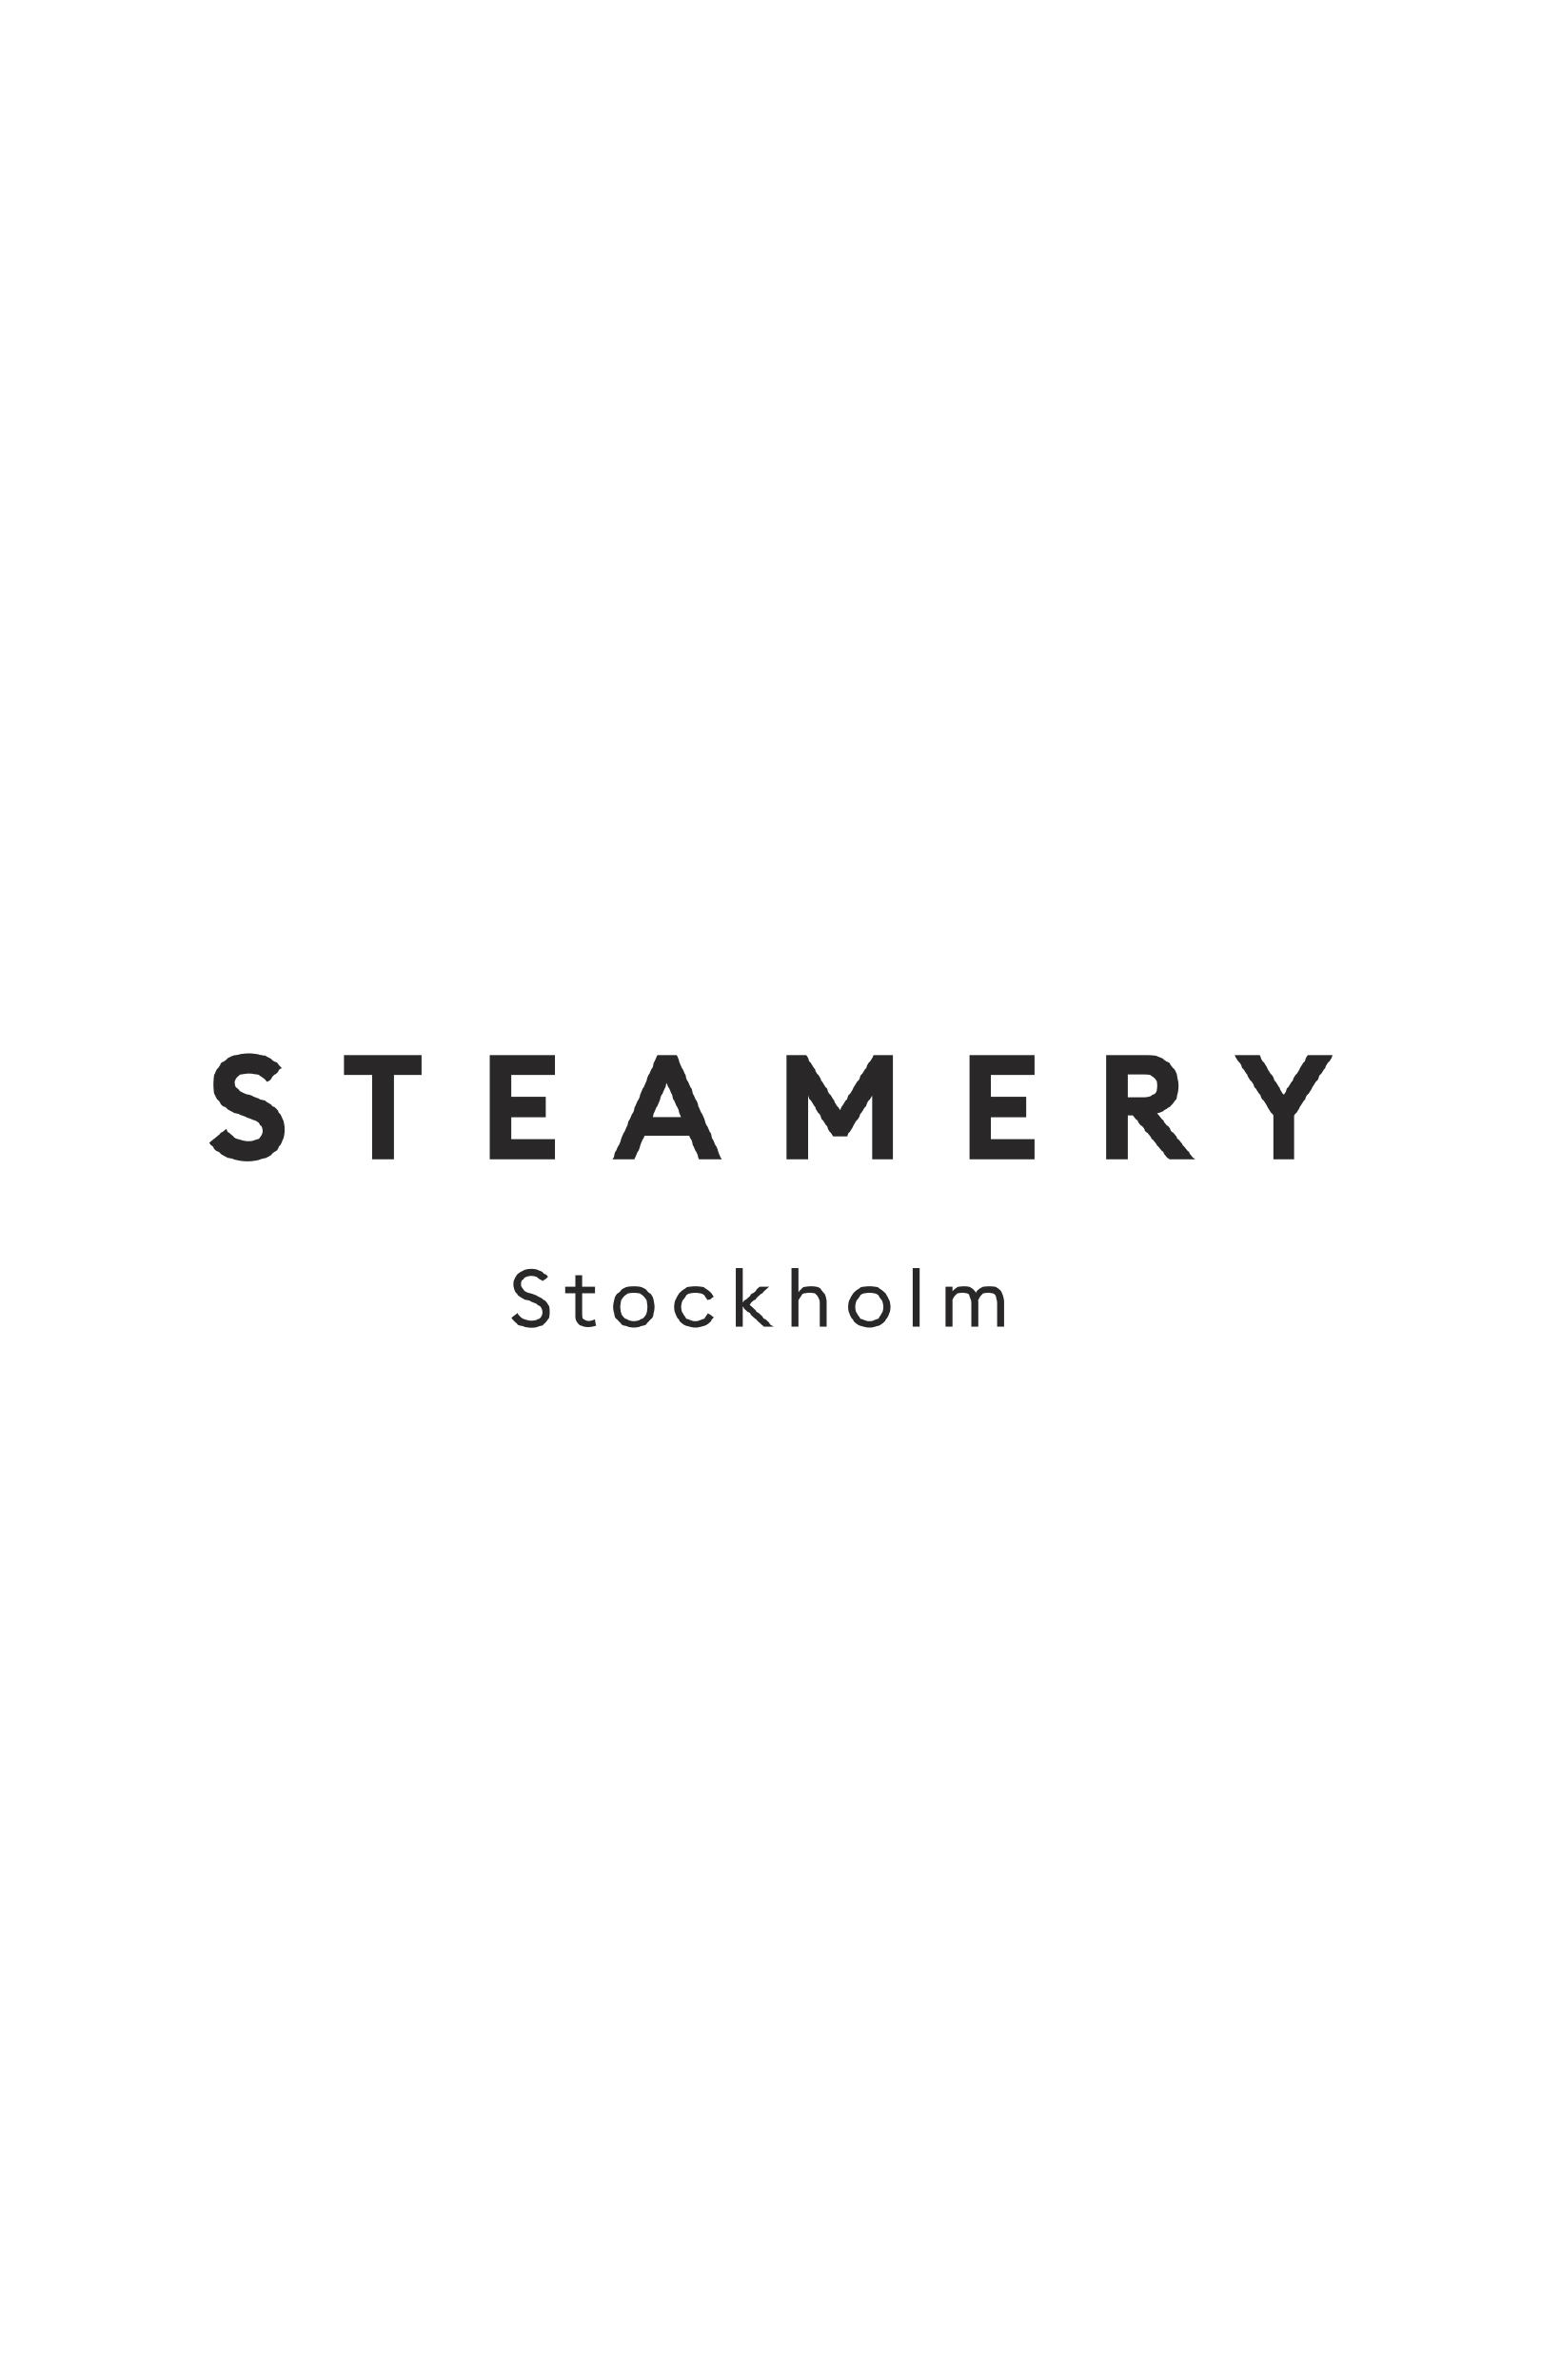 Steamery.jpg